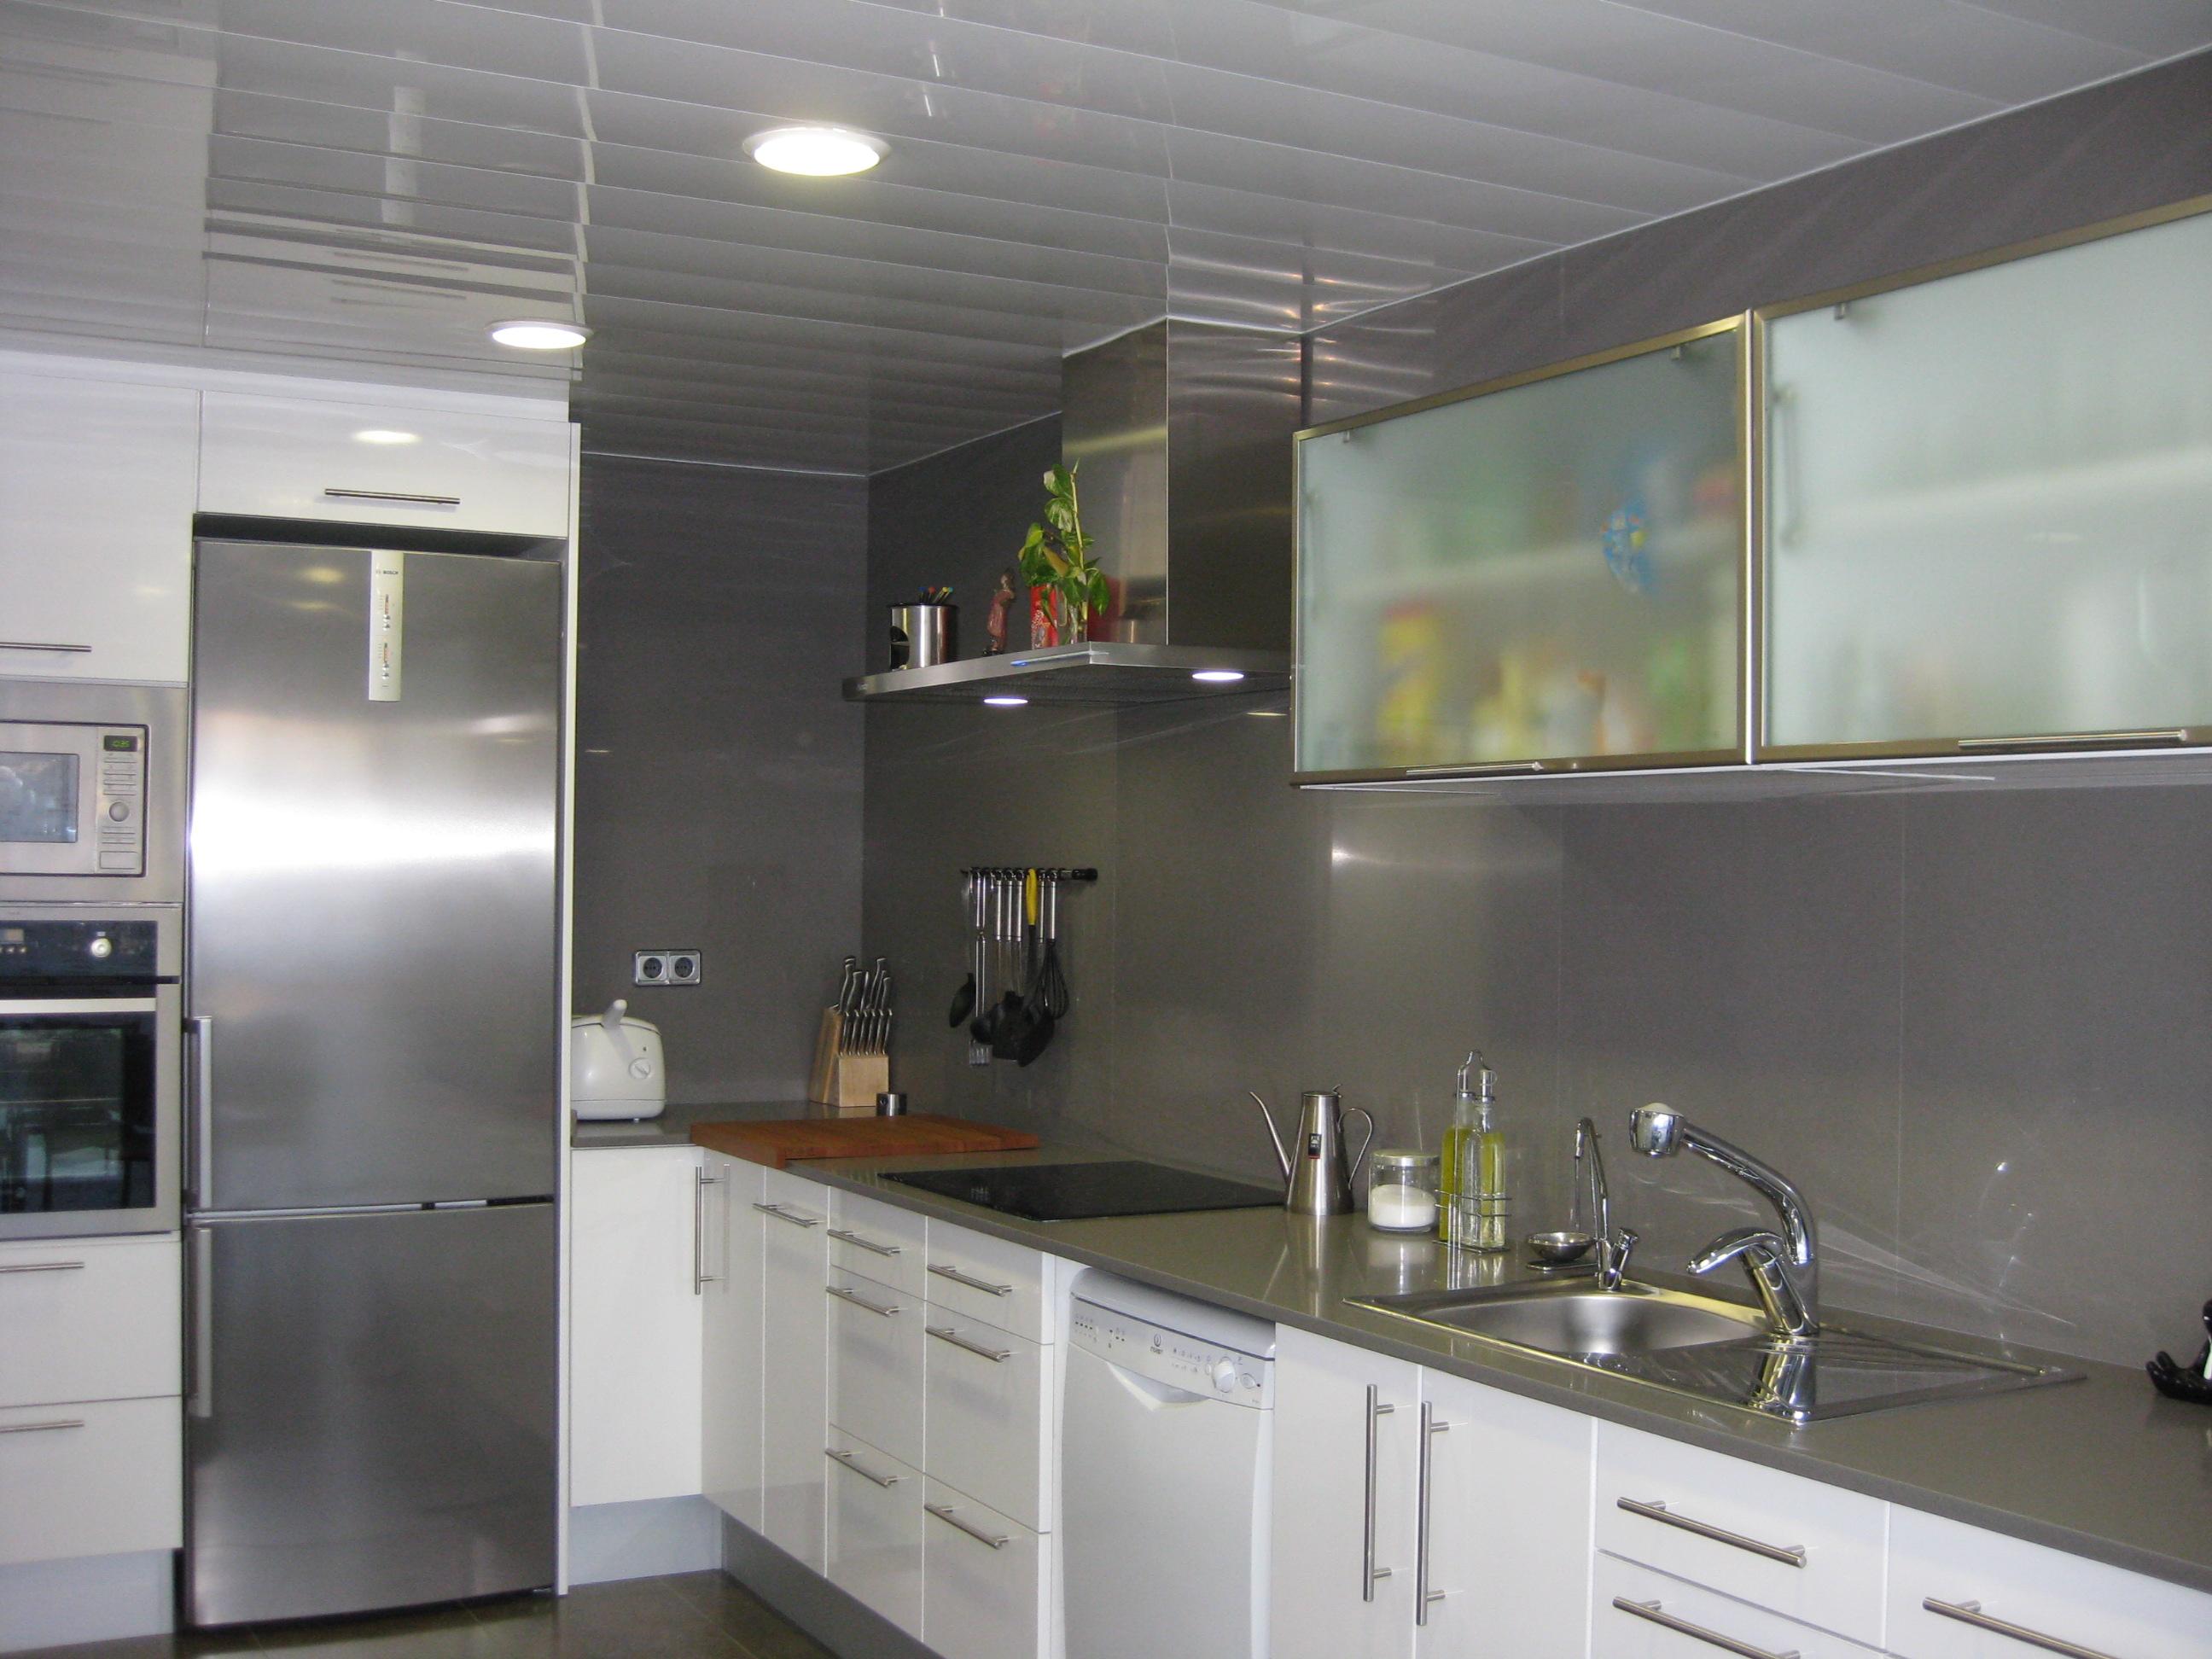 Reformas de cocinas y ba os en barcelona abrera - Reformas de cocinas y banos ...